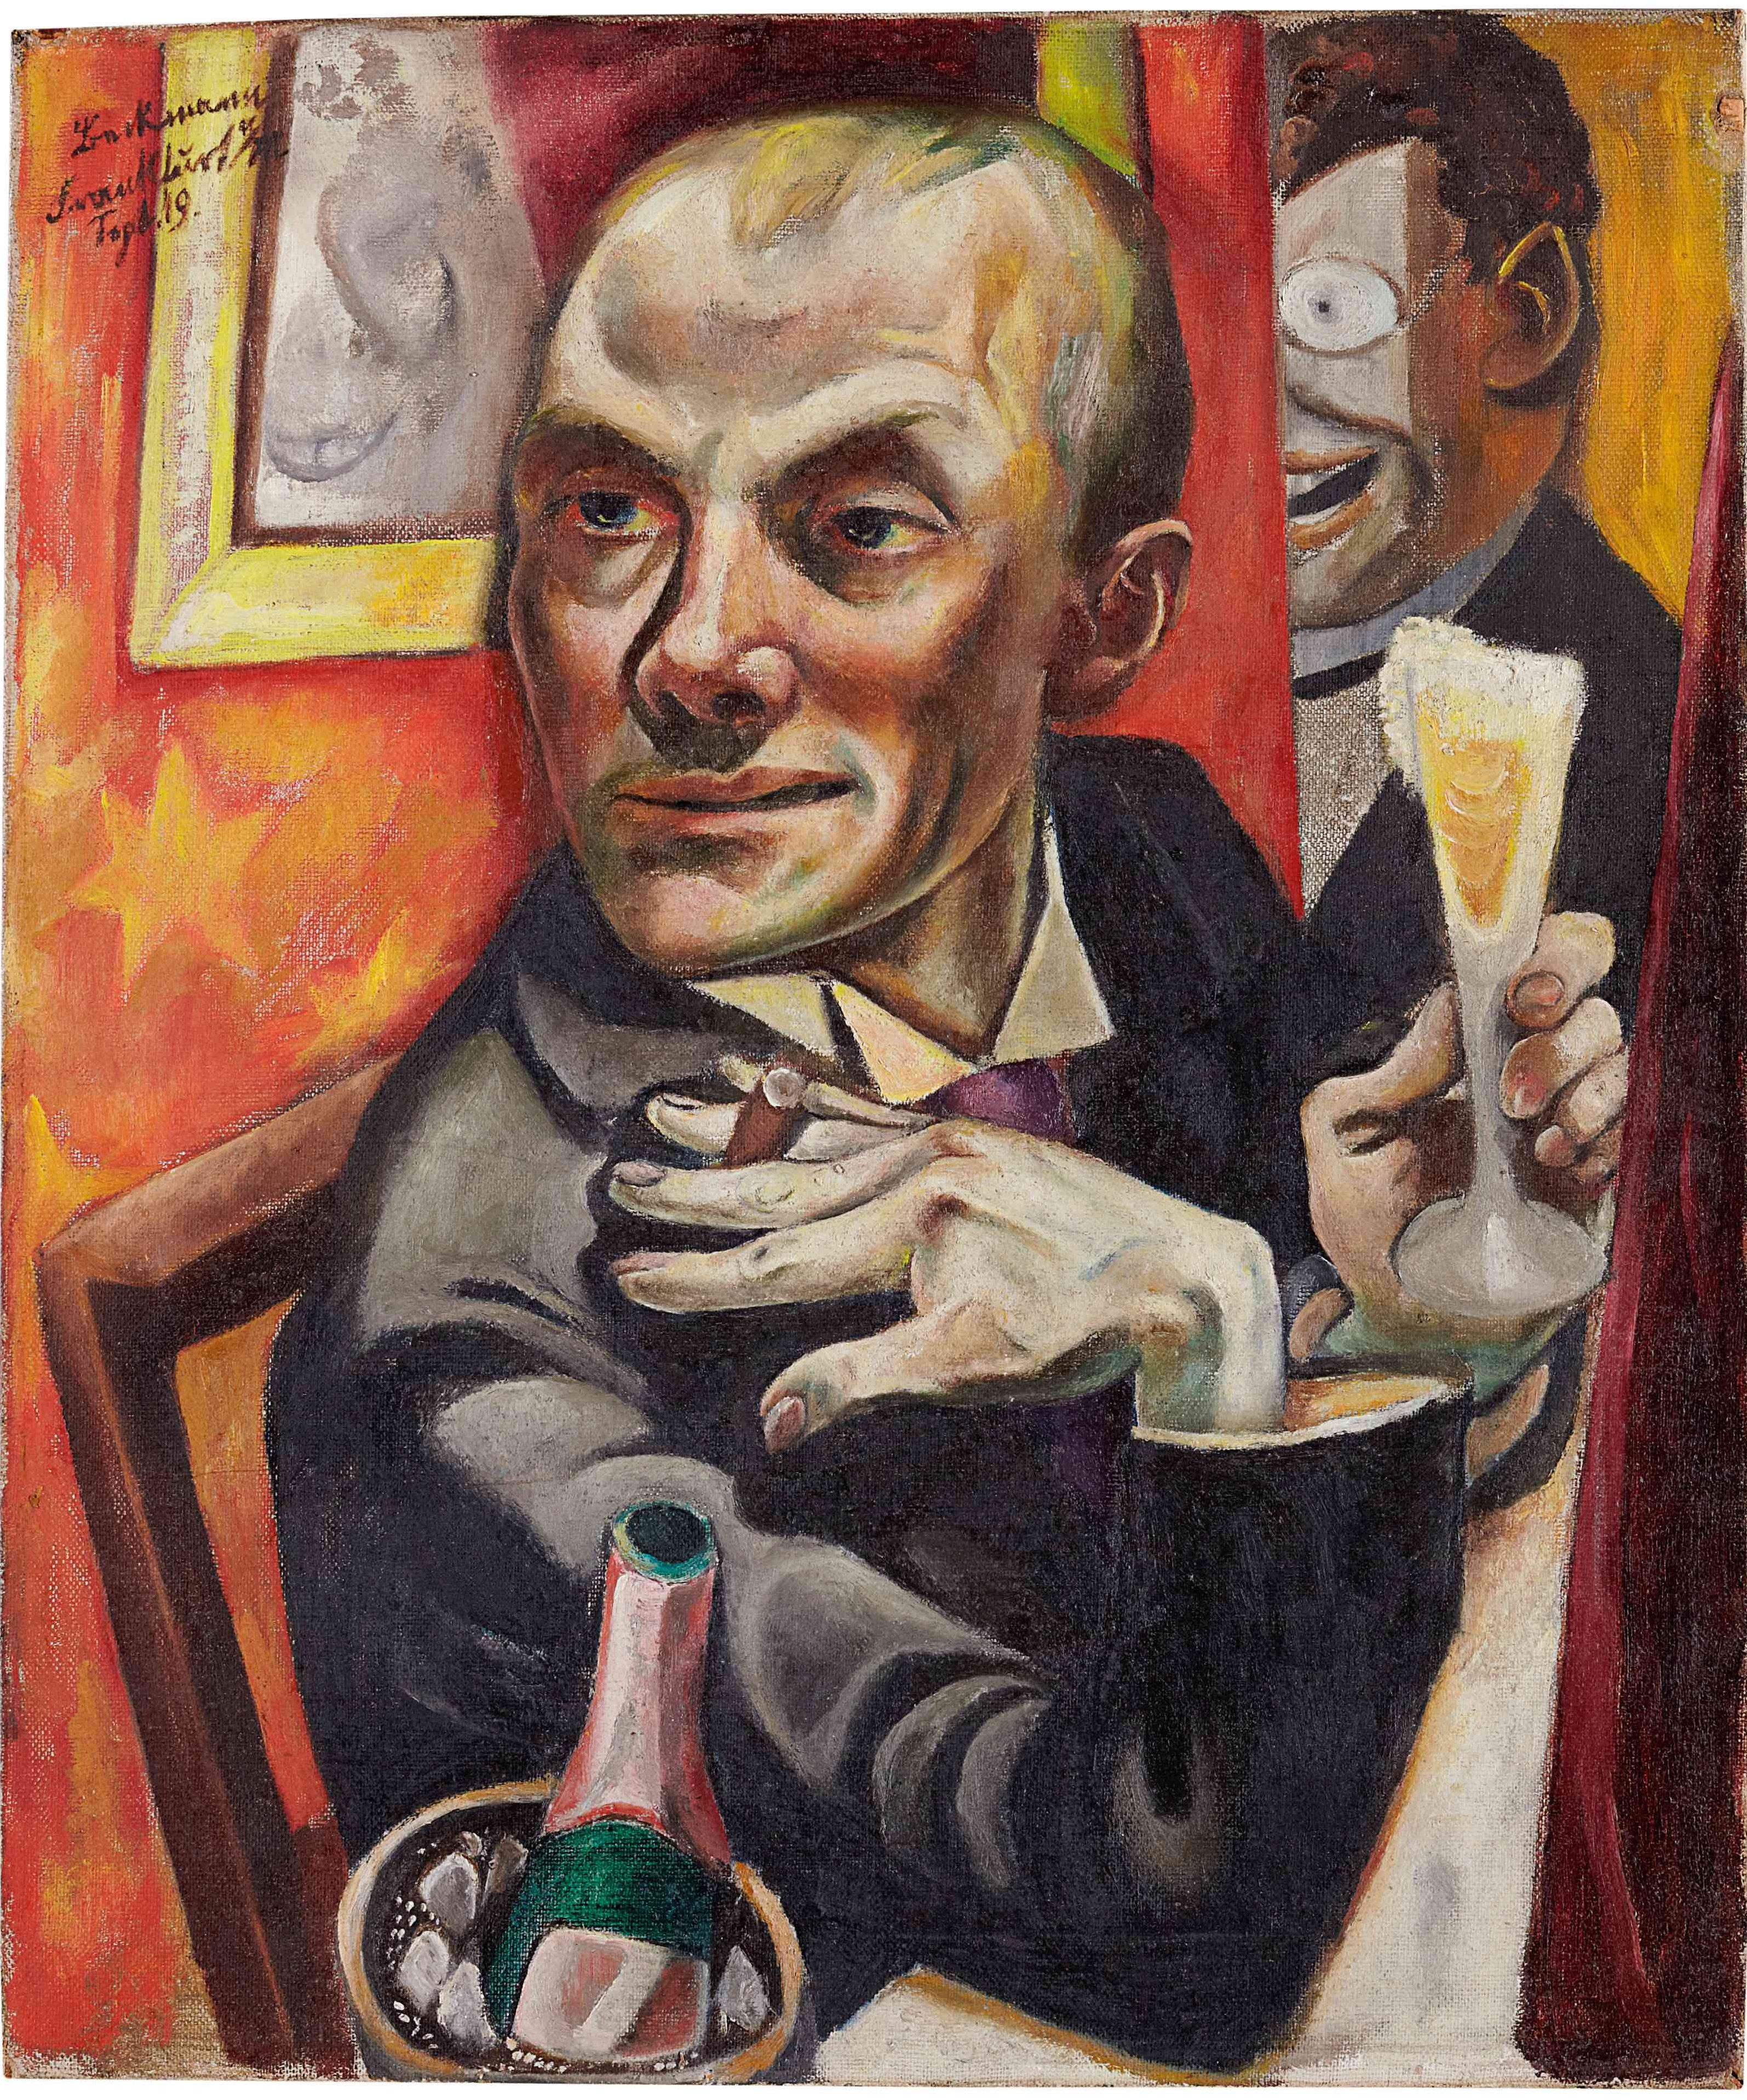 Max Beckman, pintor de Historia y alegorías – Arsmagazine